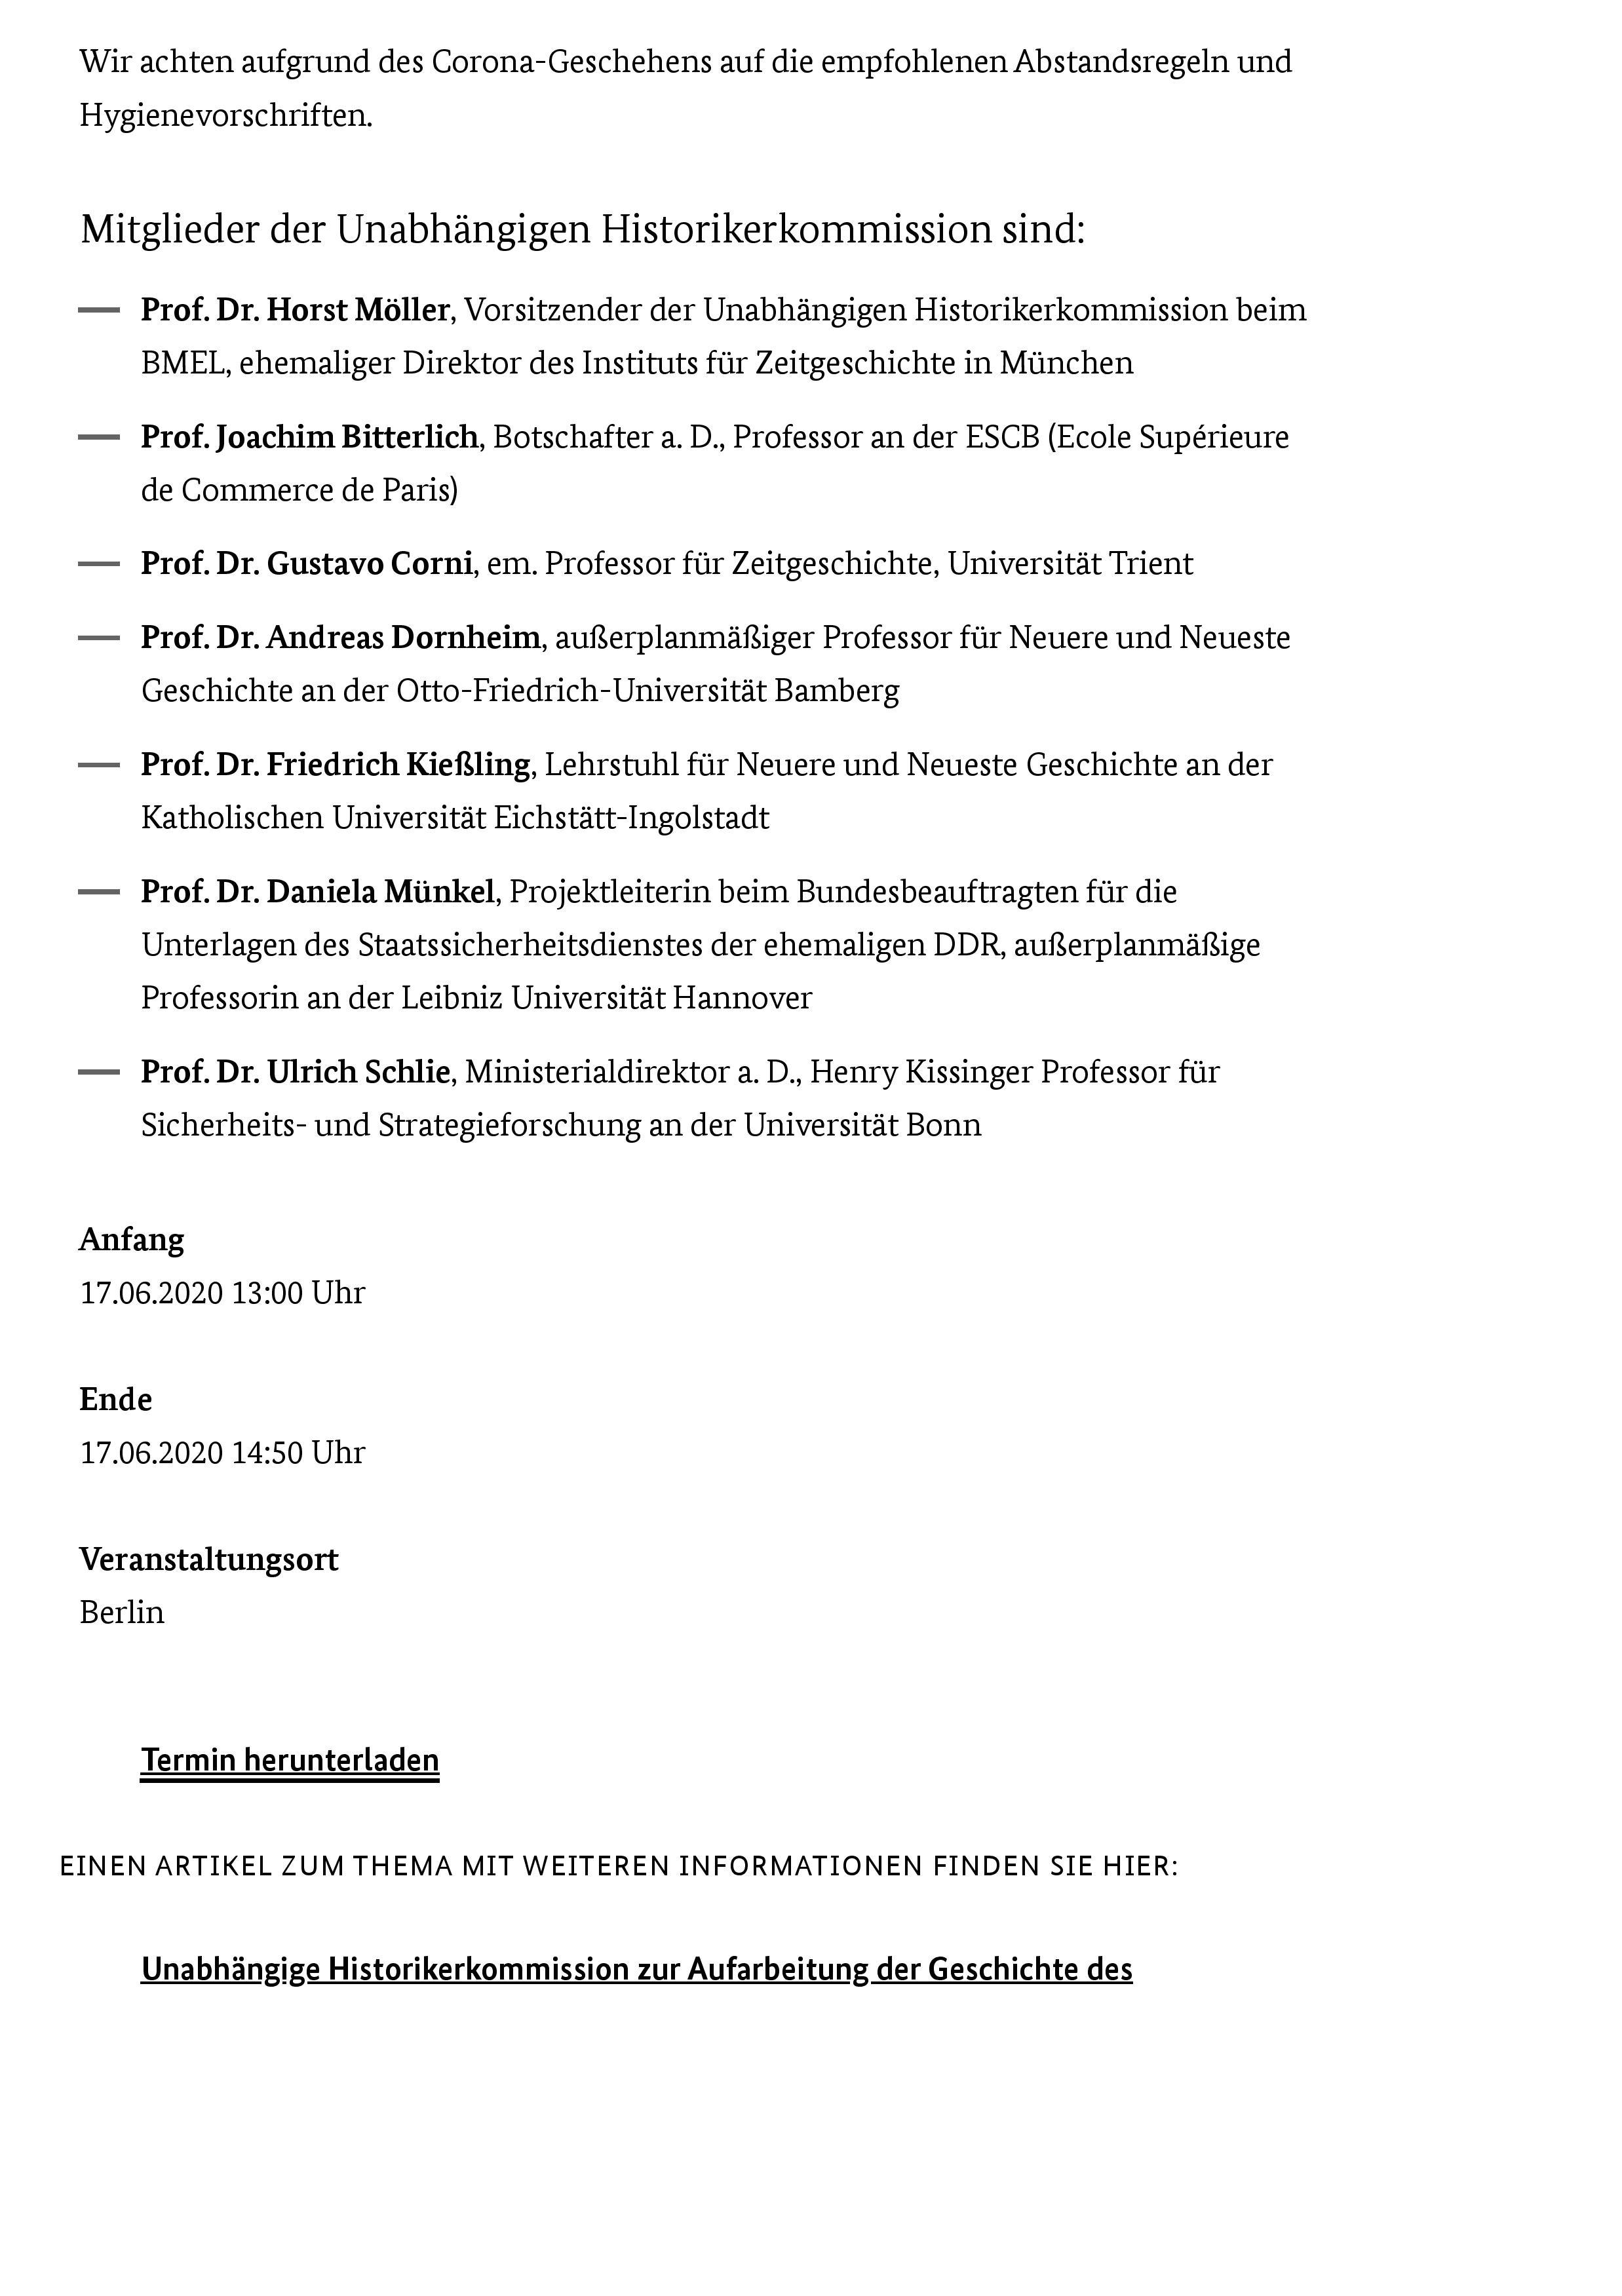 BMEL - Veranstaltungs- und Termin-Uebersicht - Unabhängige Historikerkommission übergibt Abschlussbericht an Bundesministerin Julia Klöckner-page-002